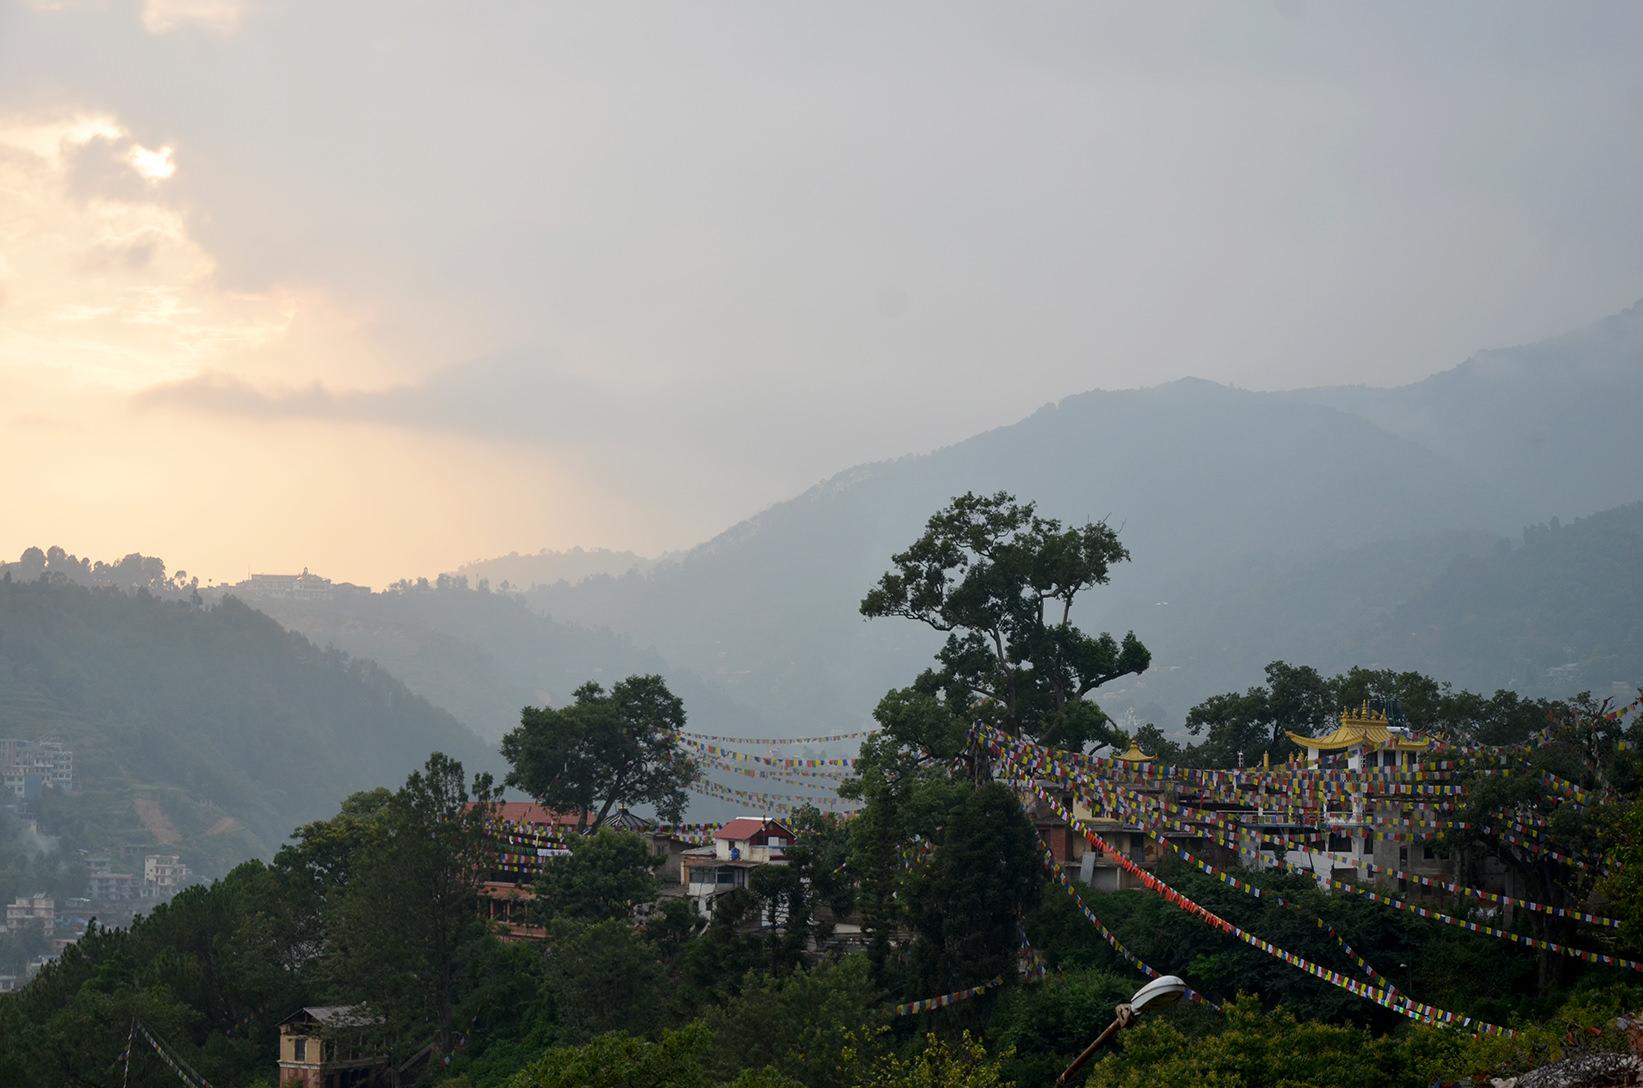 Наши лучшие фотографии из путешествий 2016 года. Катманду, Непал